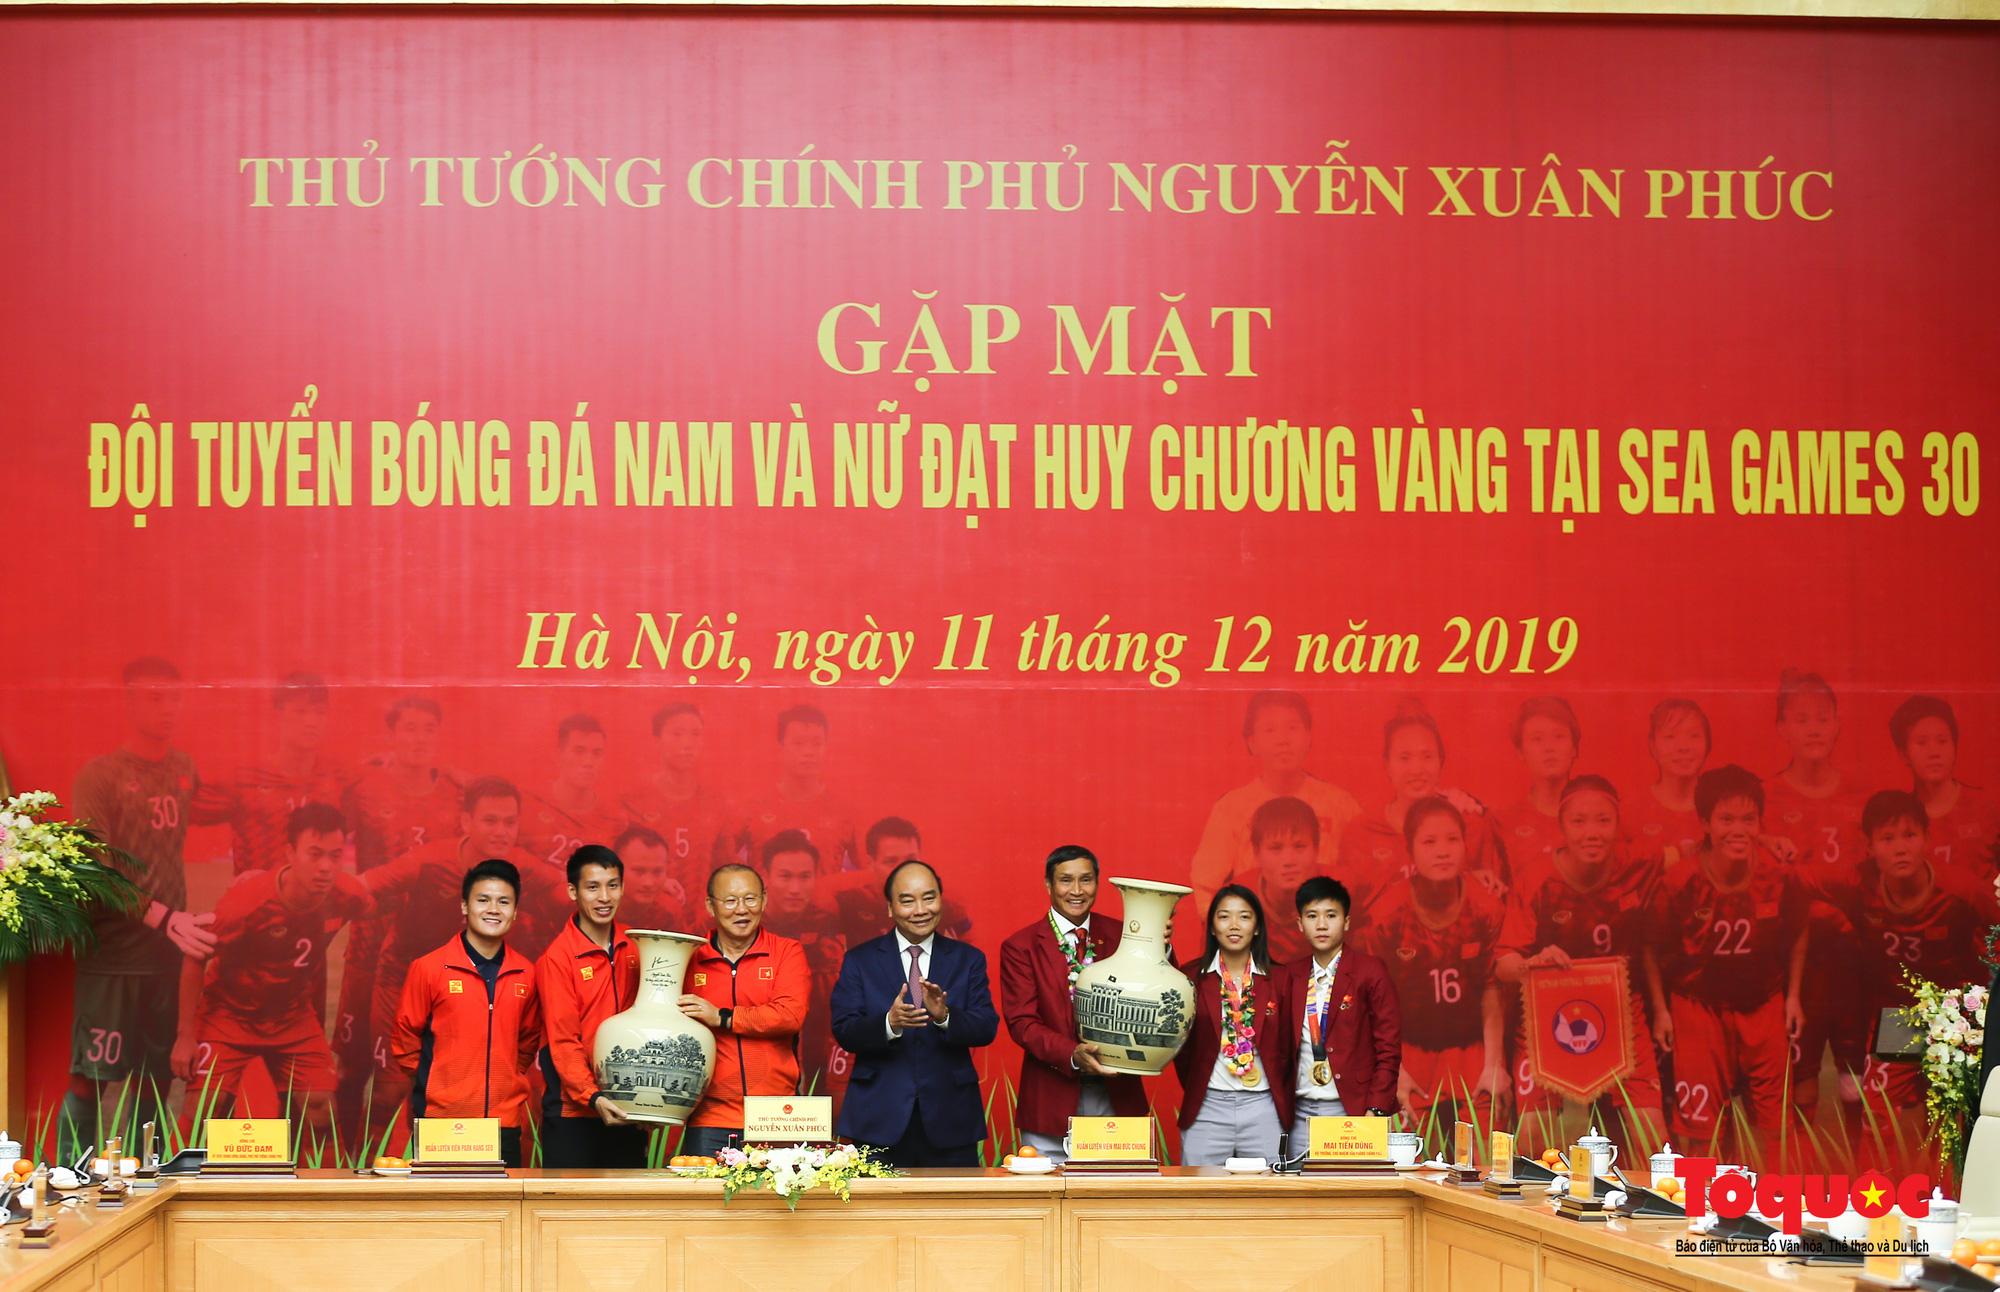 Thủ tướng Nguyễn Xuân Phúc gặp mặt thân mật các cầu thủ đội tuyển U22 Việt Nam và ĐT nữ Việt Nam - Ảnh 13.